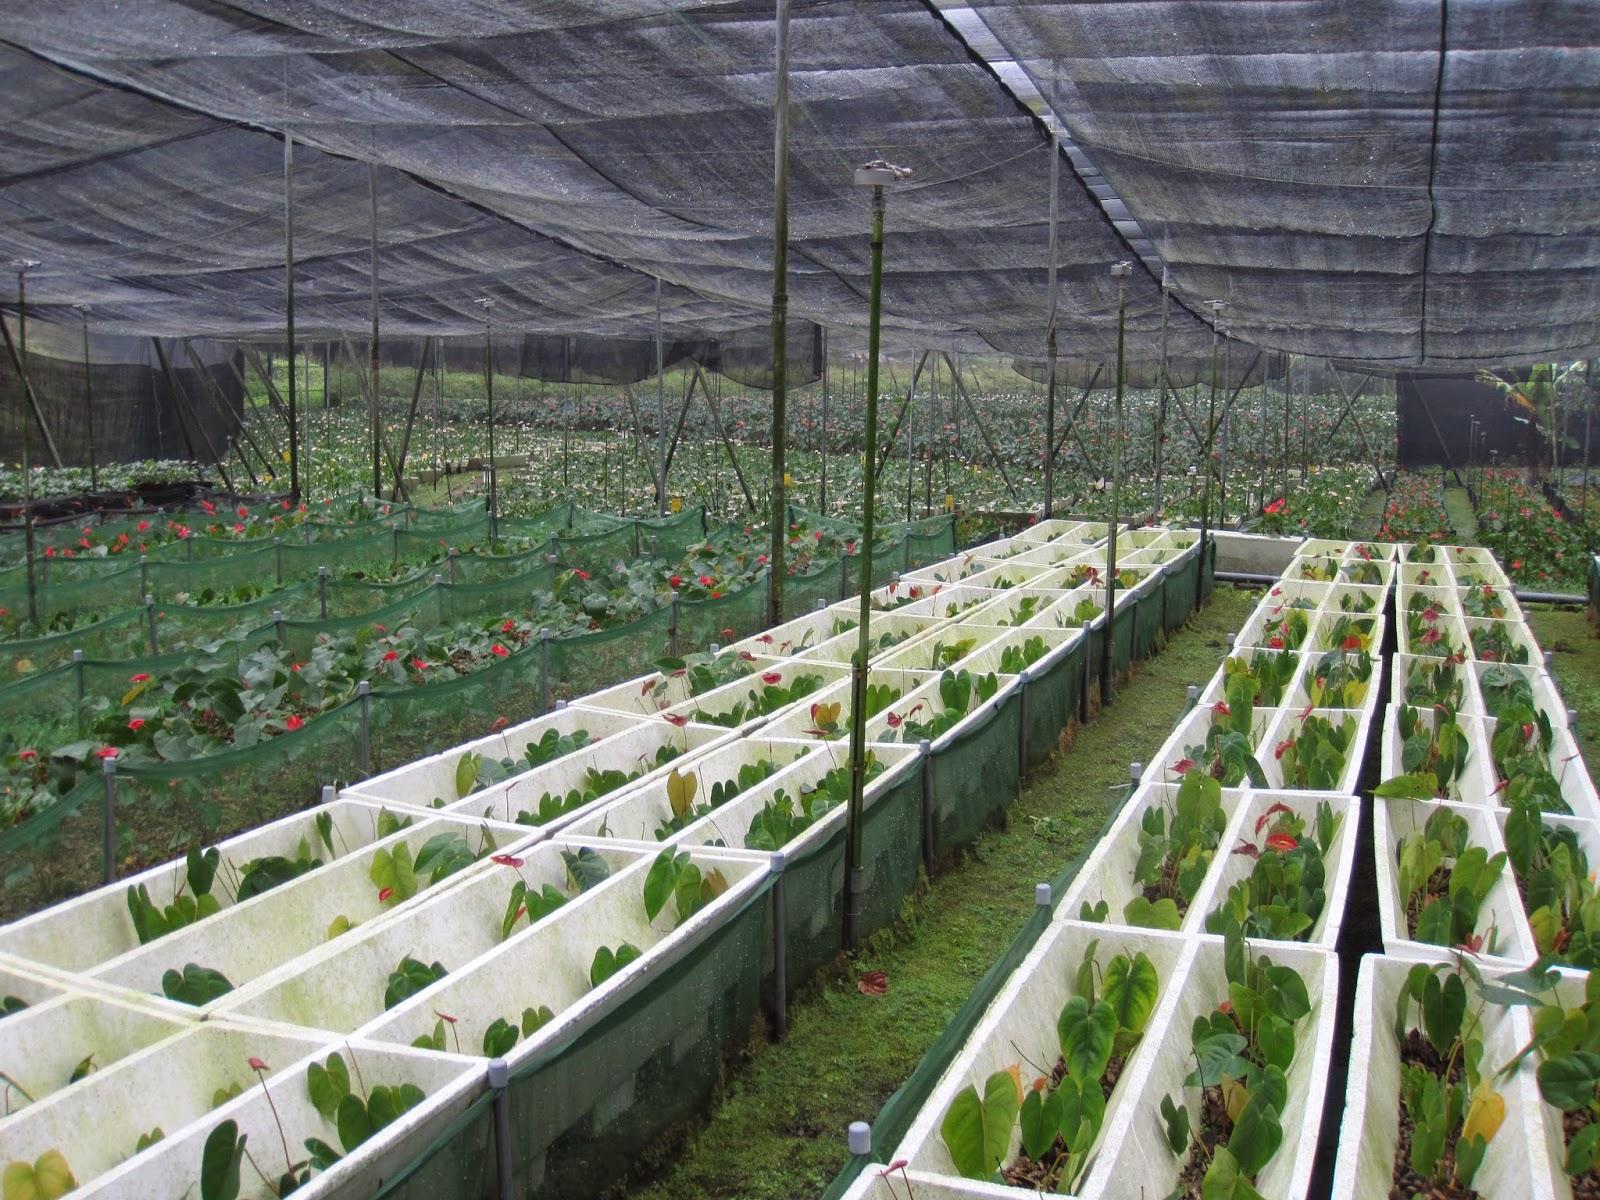 Estudiando agricultura en taiw n c scara de man for Vivero estructura